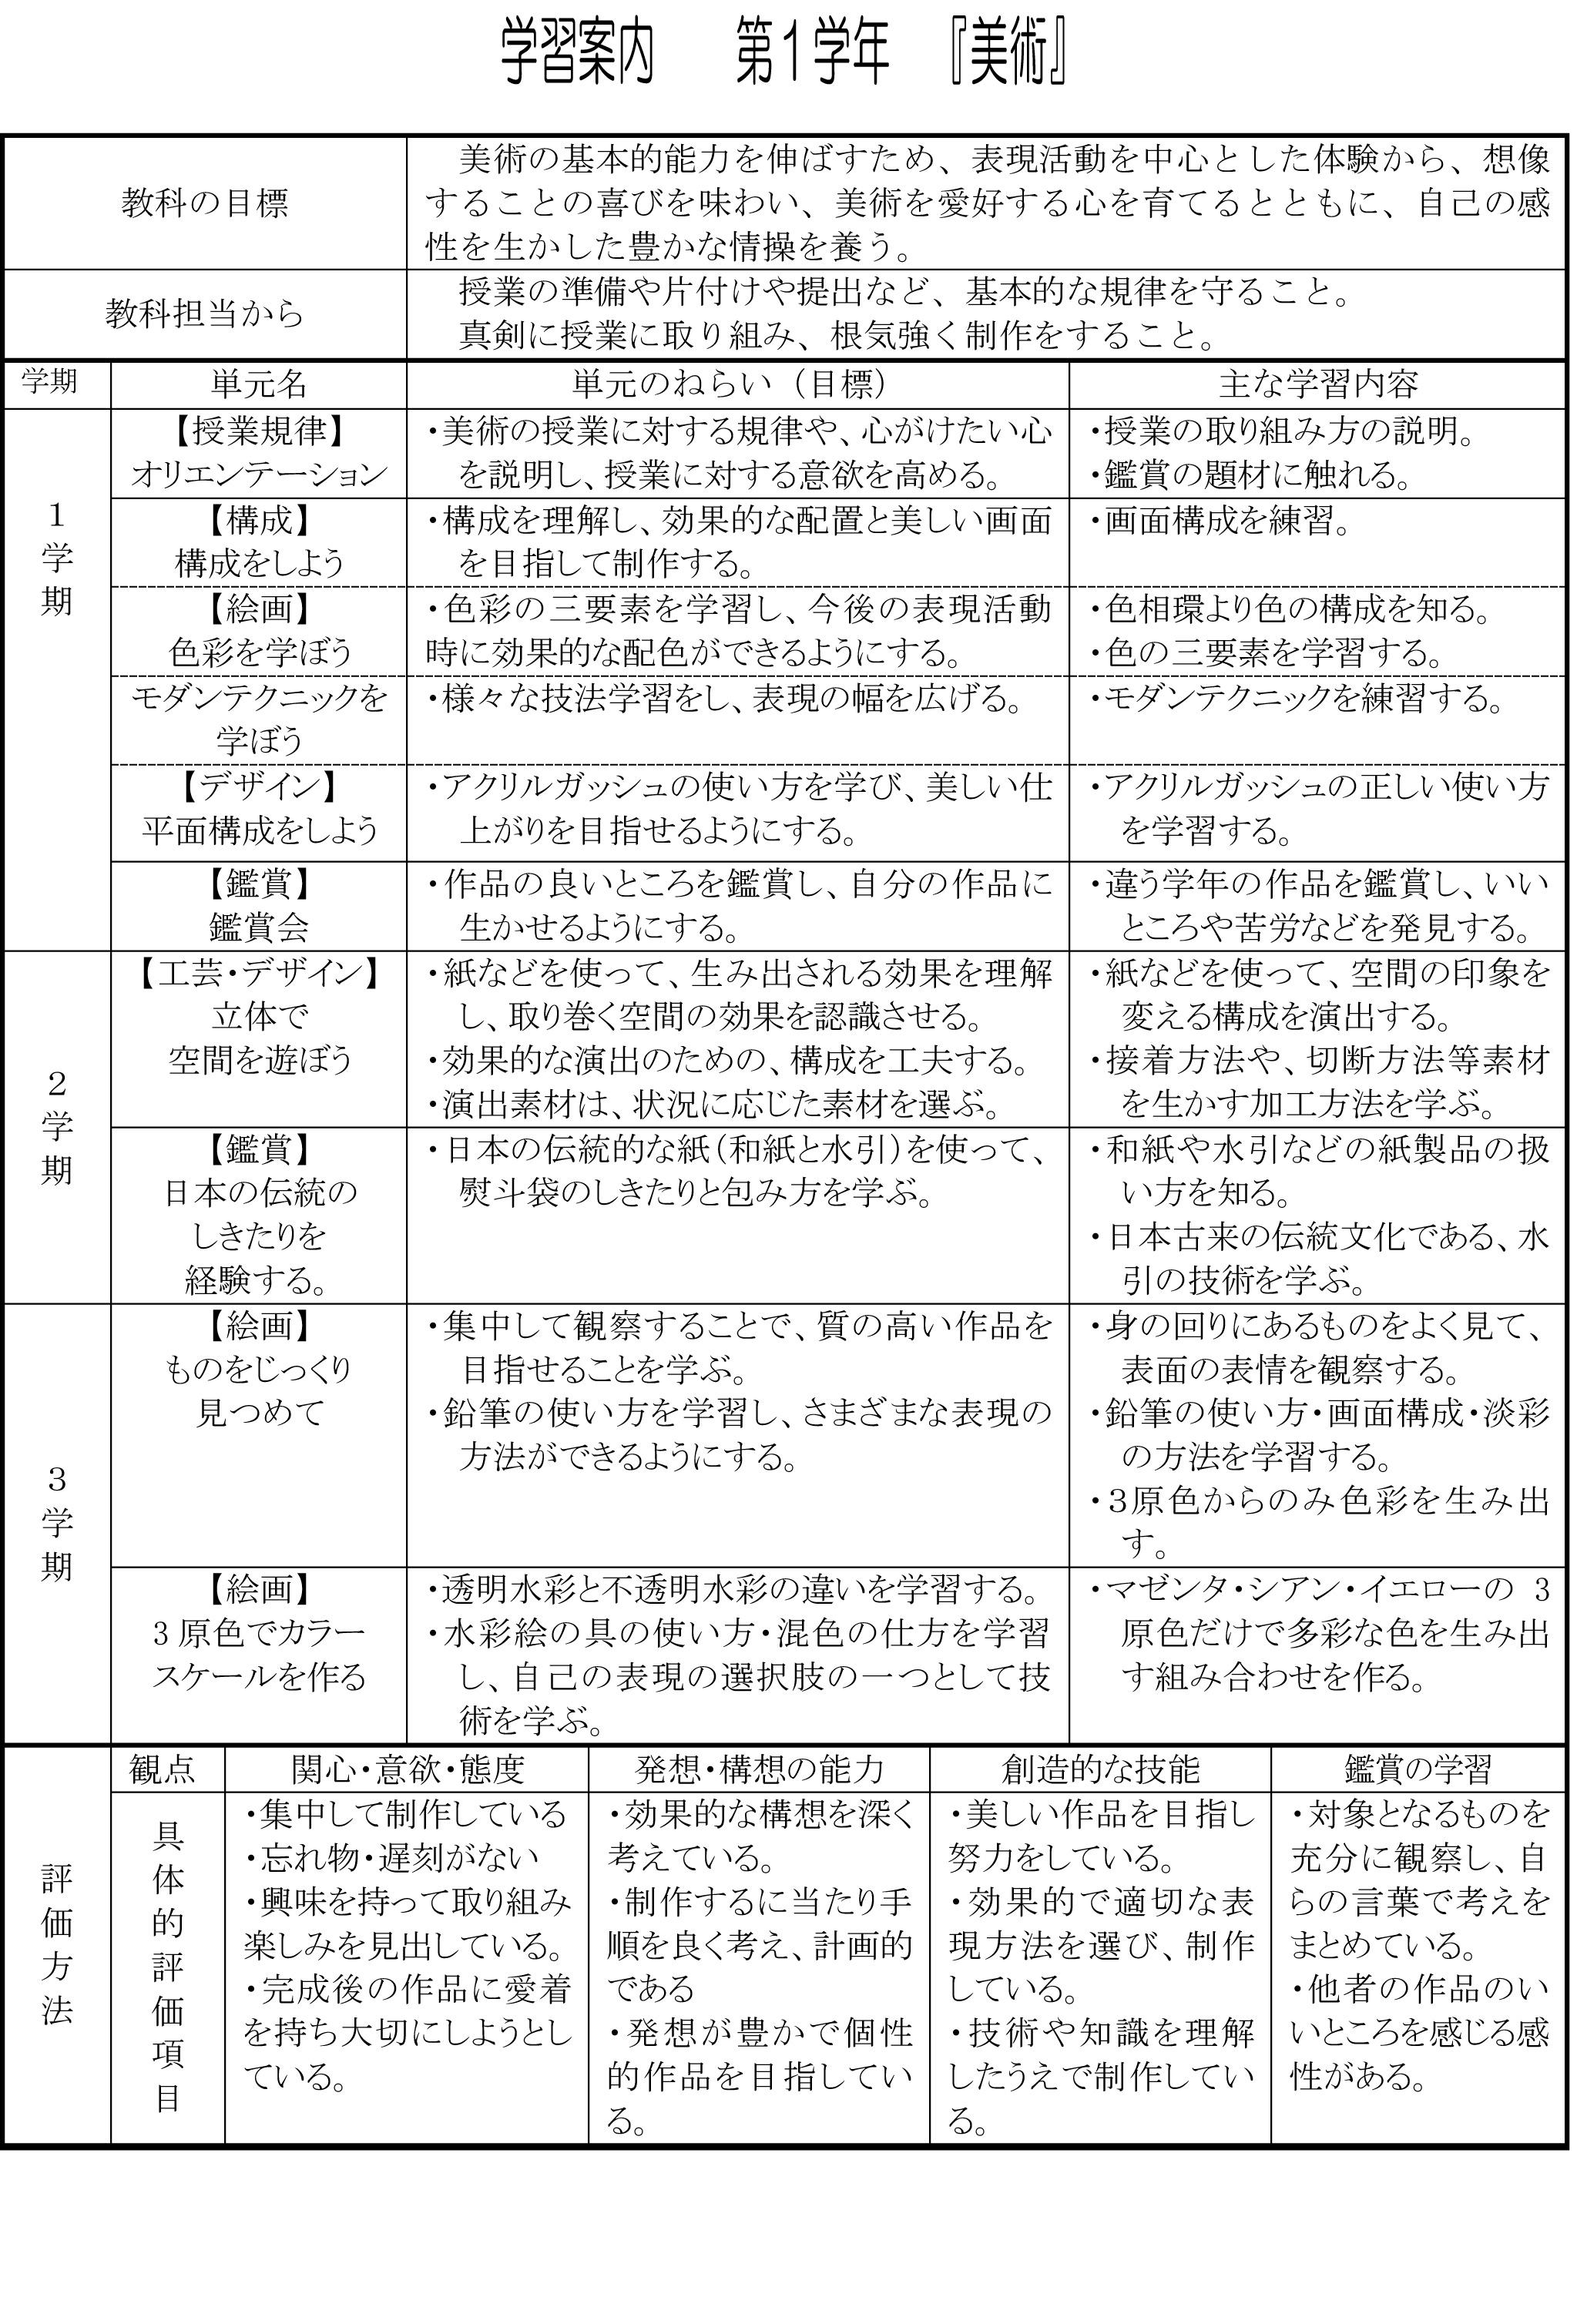 木更津 高専 シラバス